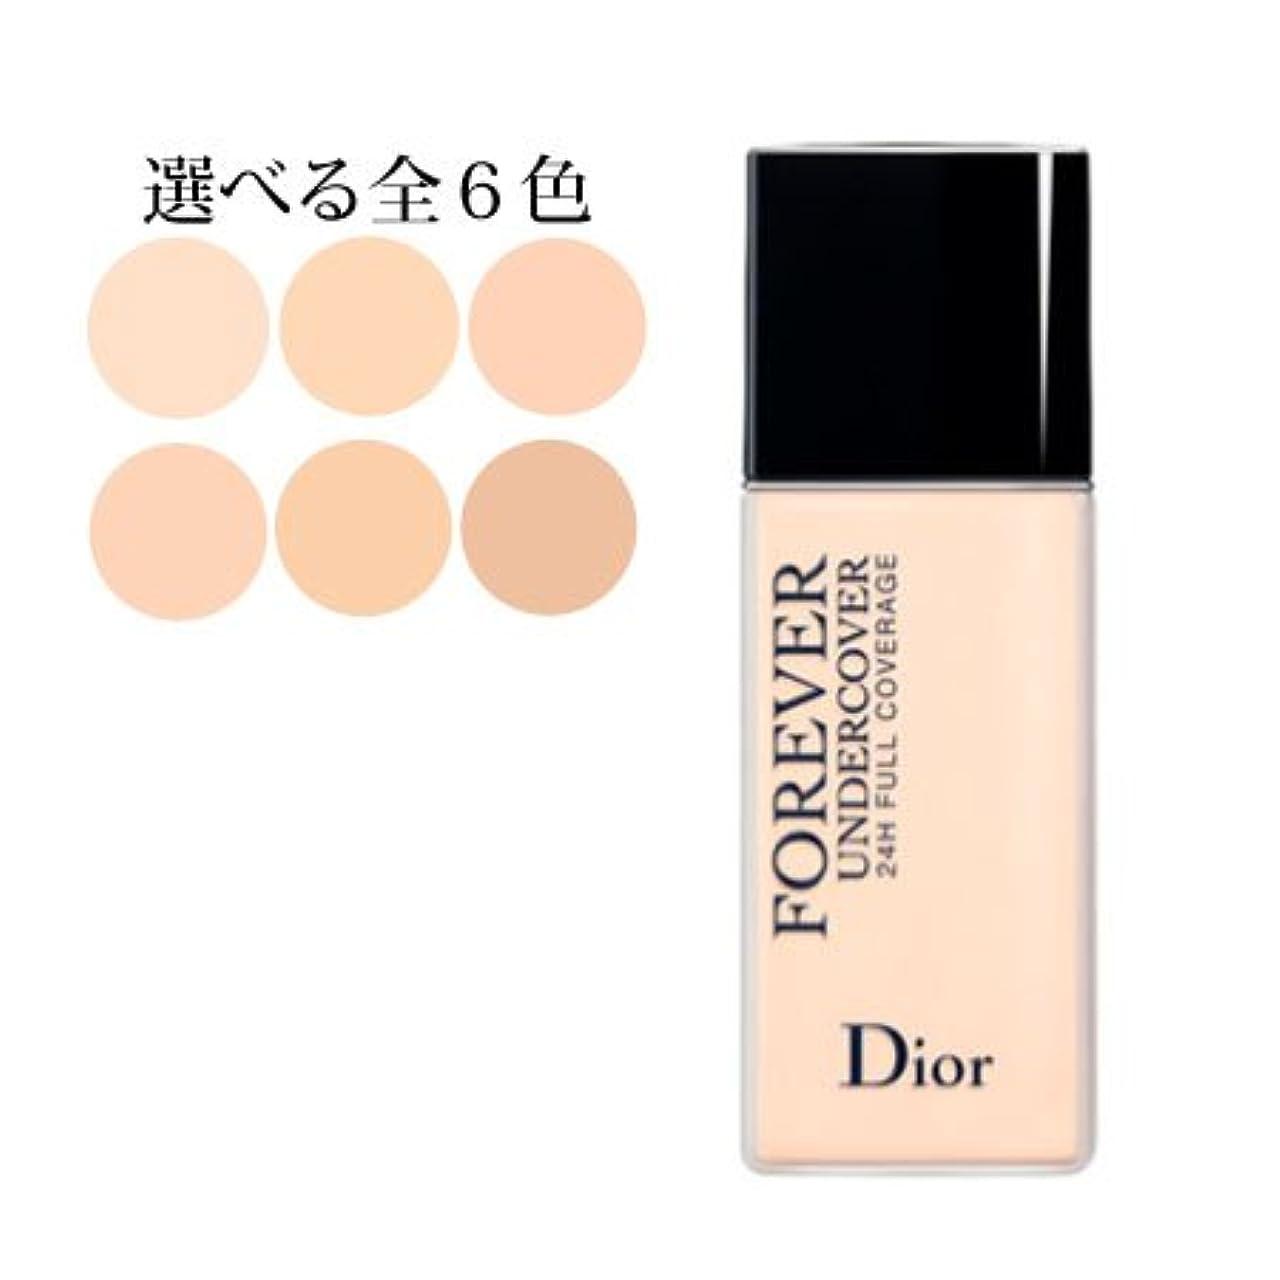 無許可平等シーフードディオールスキン フォーエヴァー アンダーカバー 選べる6色 -Dior- 020